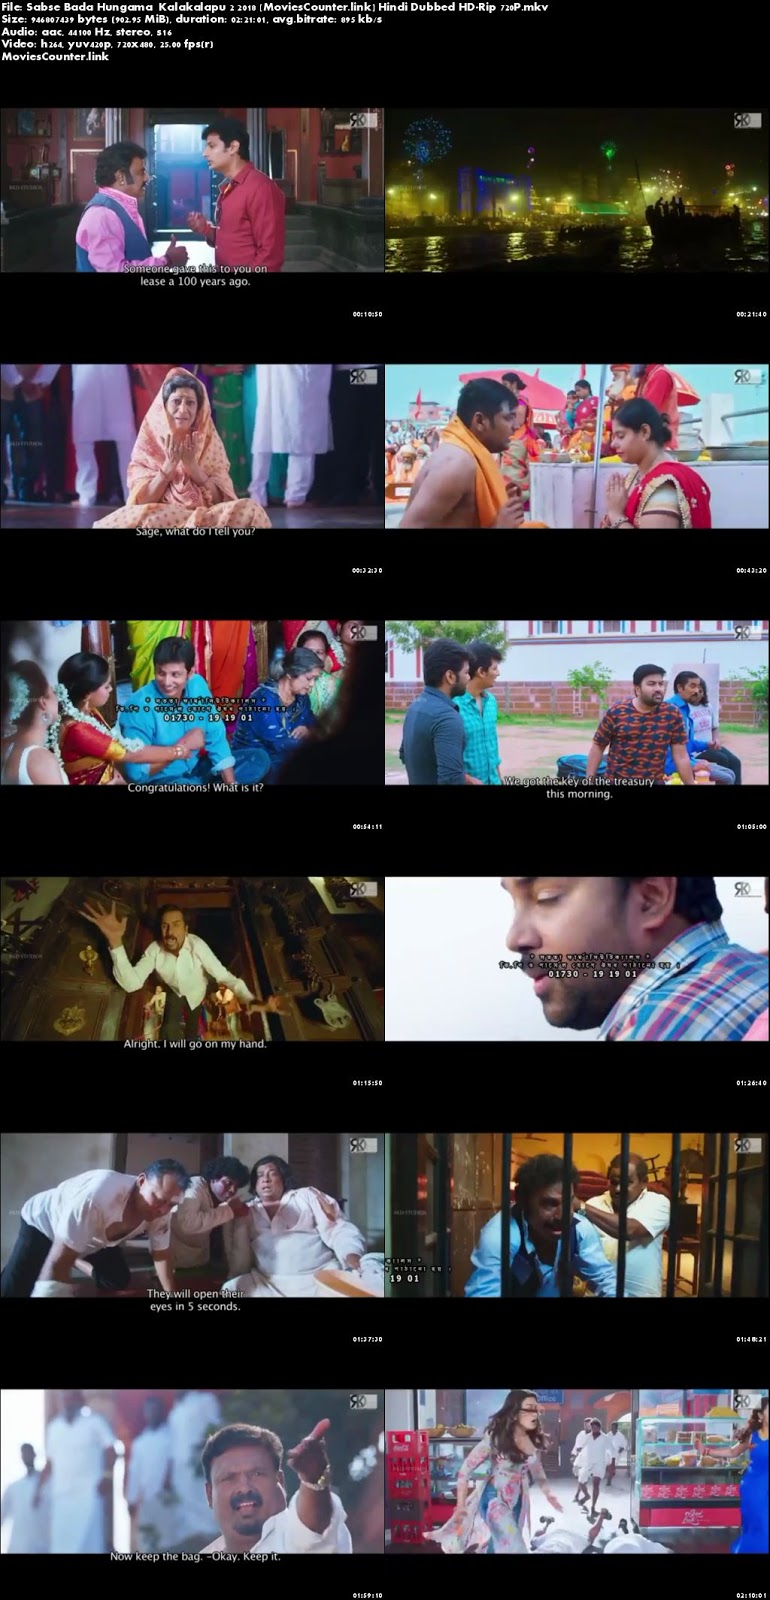 Screen shot Kalakalapu 2 2018 Hindi Dubbed HD 720p